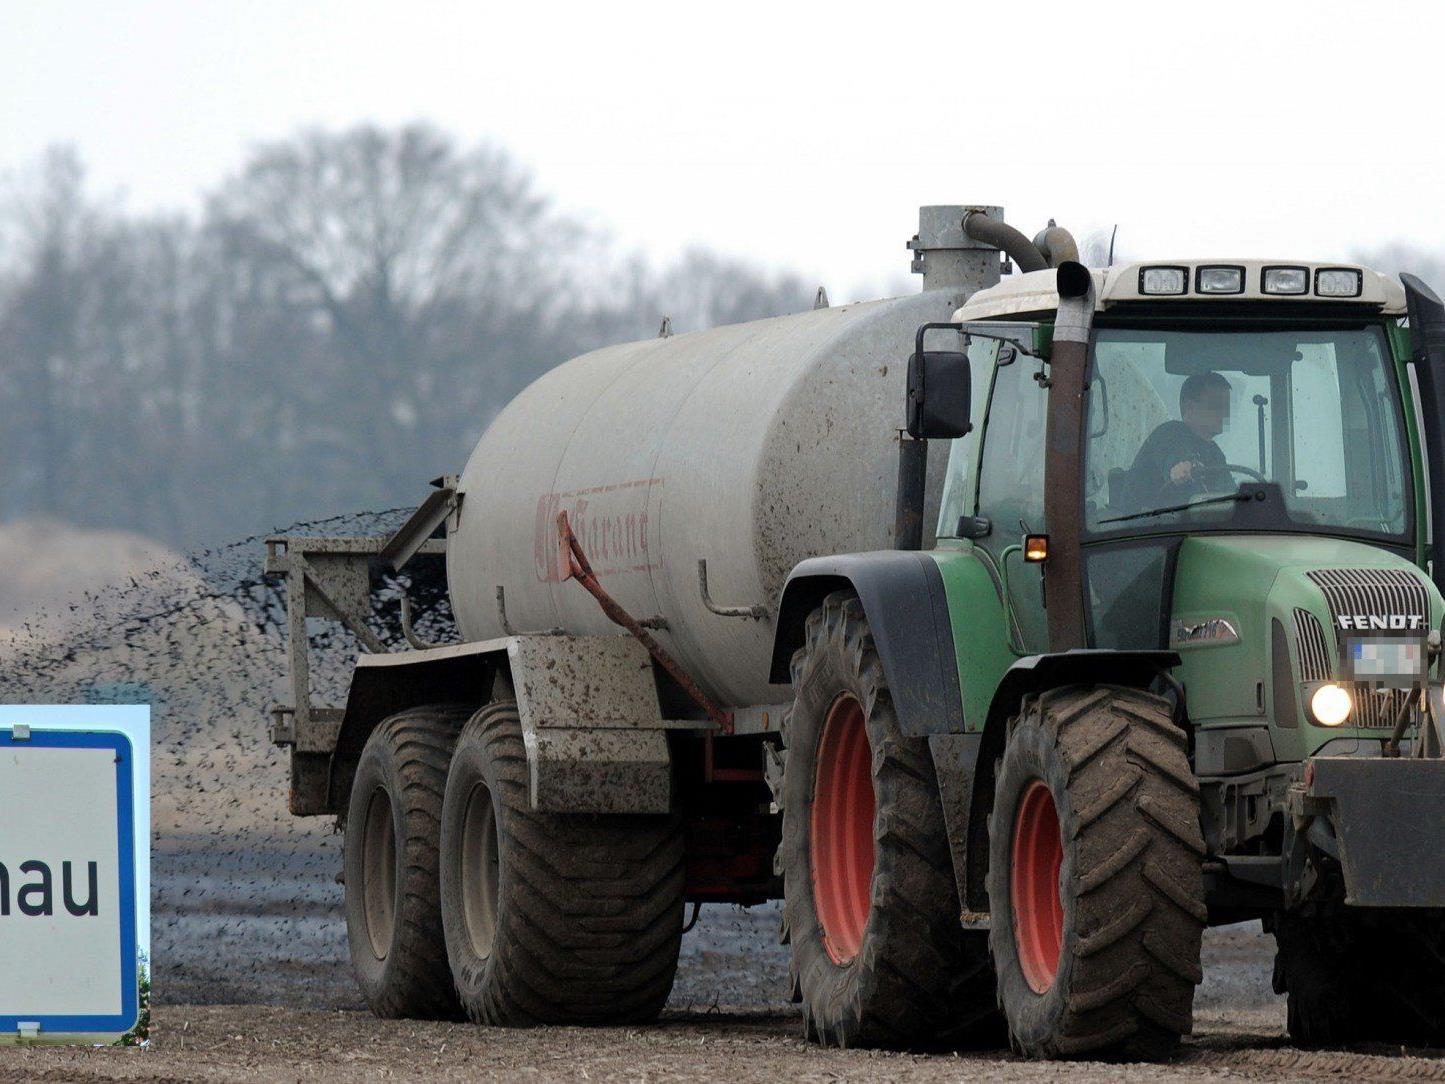 Die Lustenauer BF-Teilnehmer wünschen sich mehr Rücksicht angesichts der ständigen Lärmbelästigung und Raserei mancher Traktorfahrer.